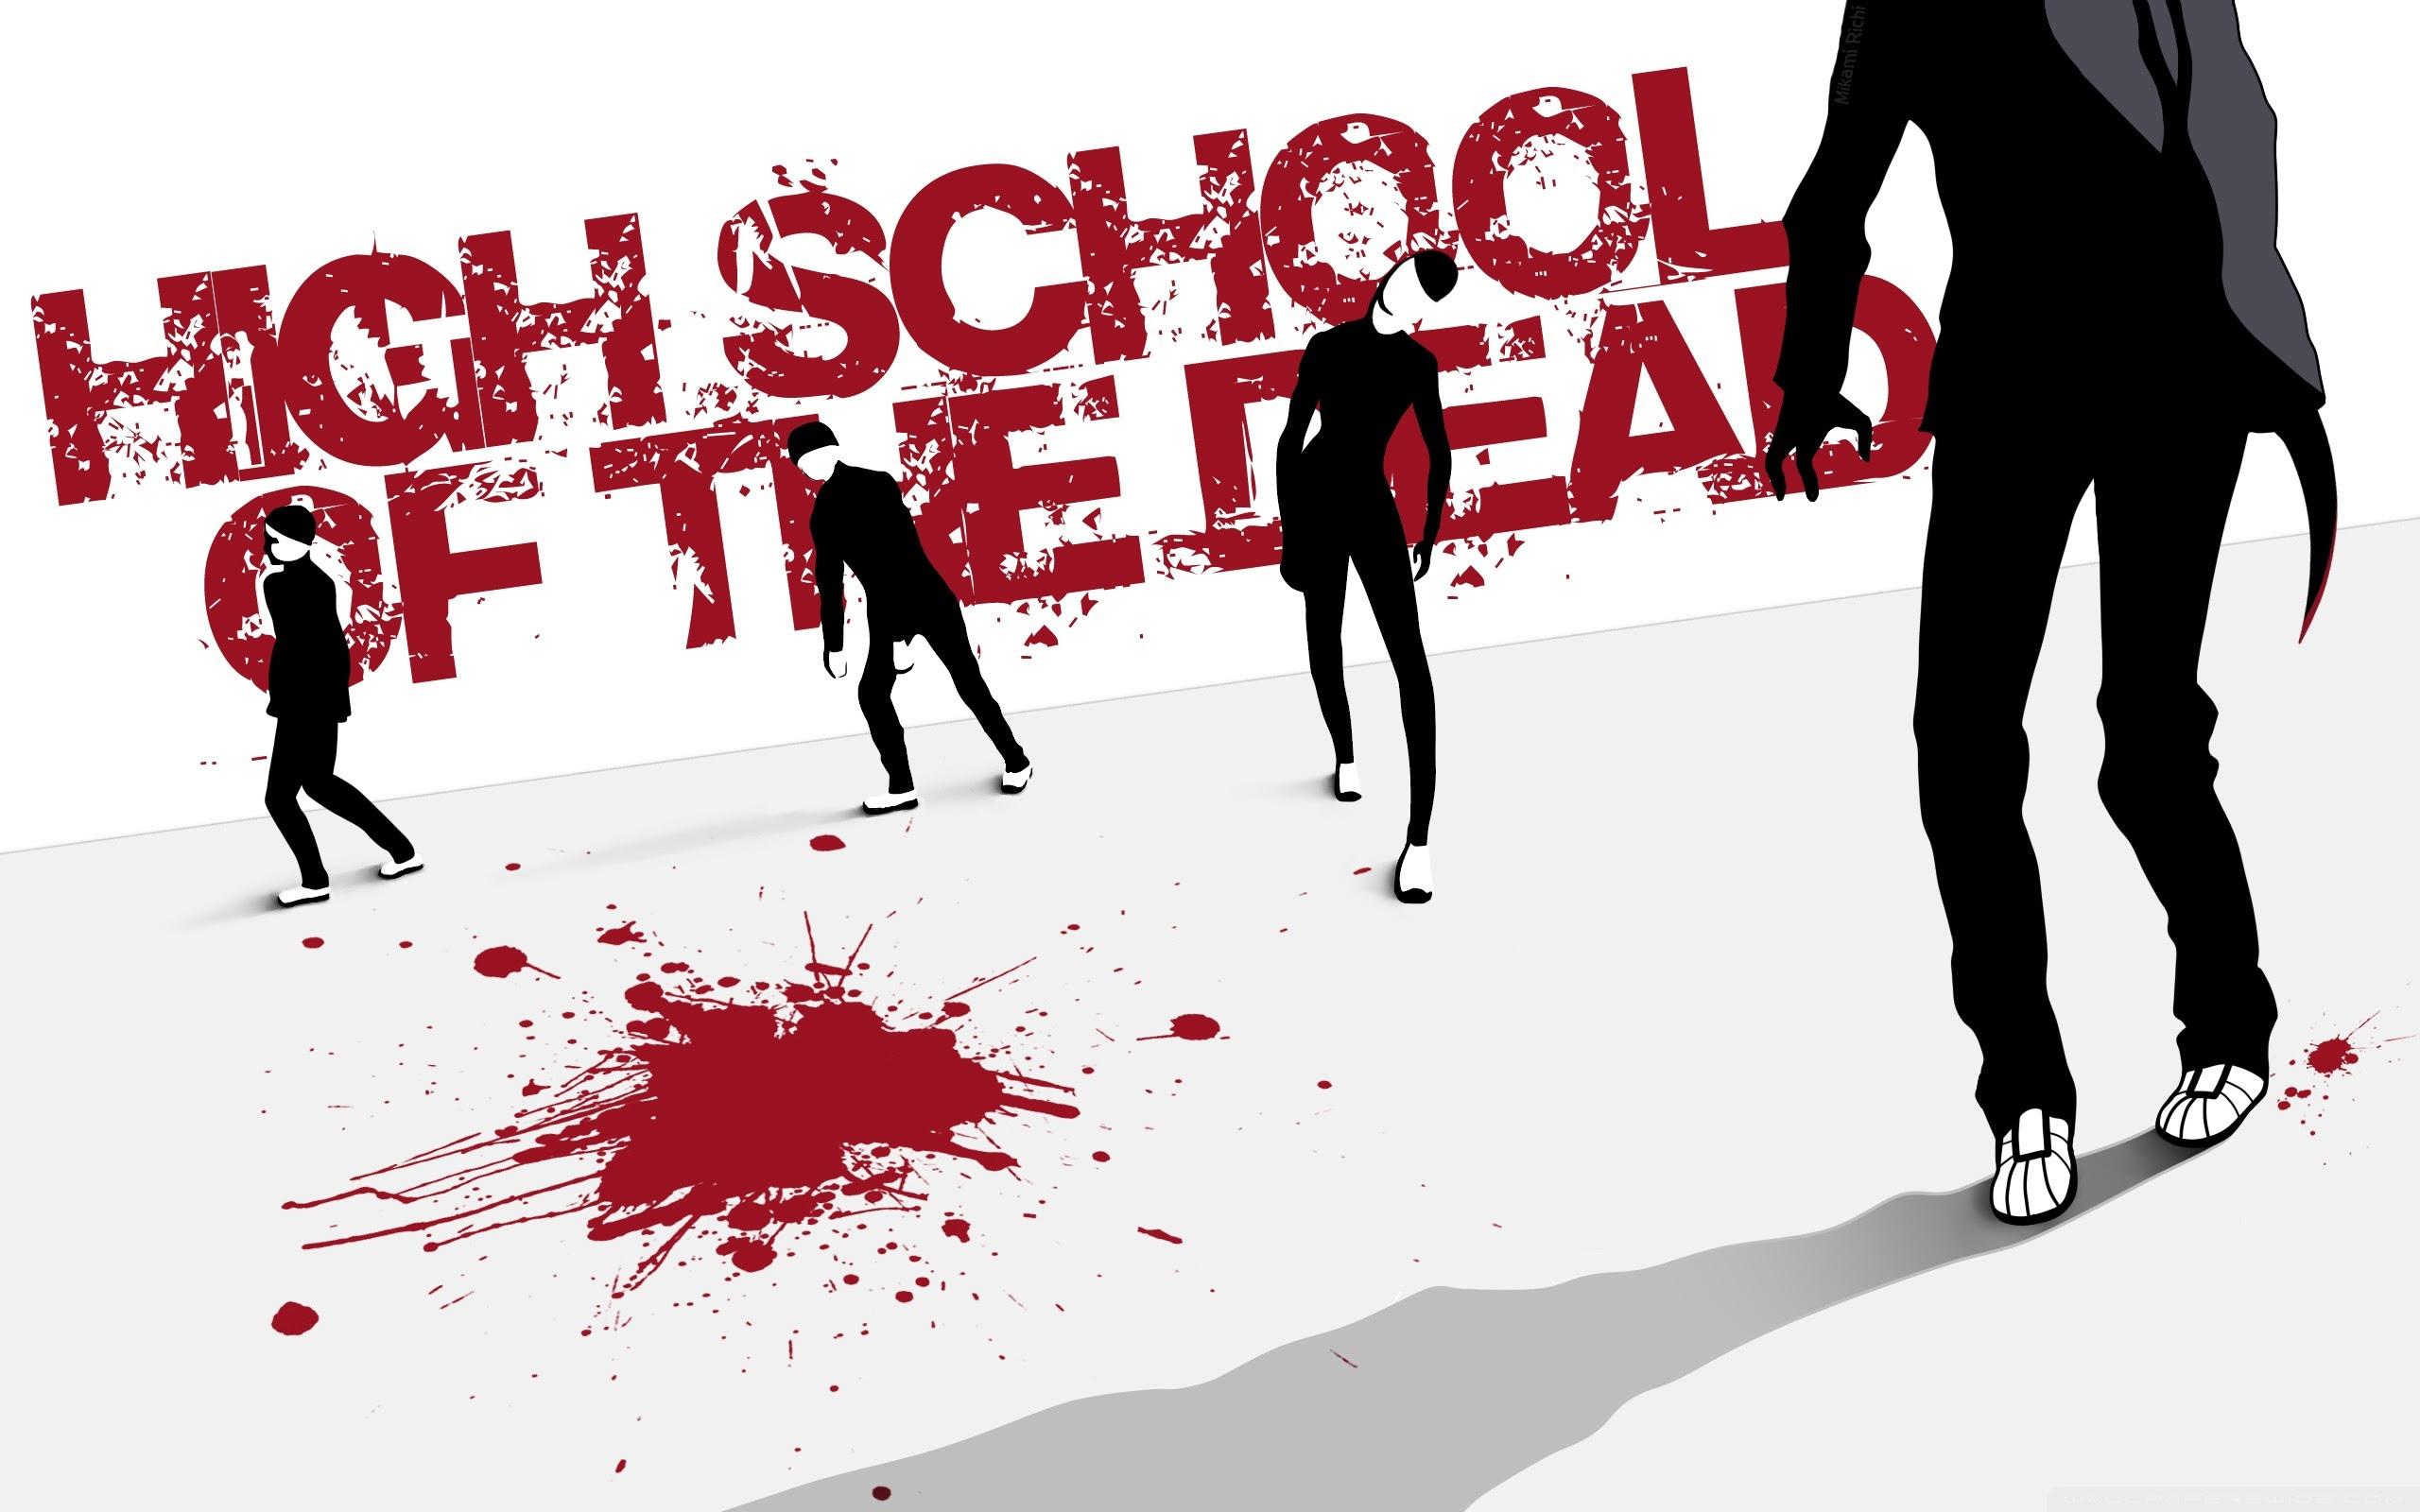 Highschool Of The Dead Ultra Hd Desktop Background Wallpaper For